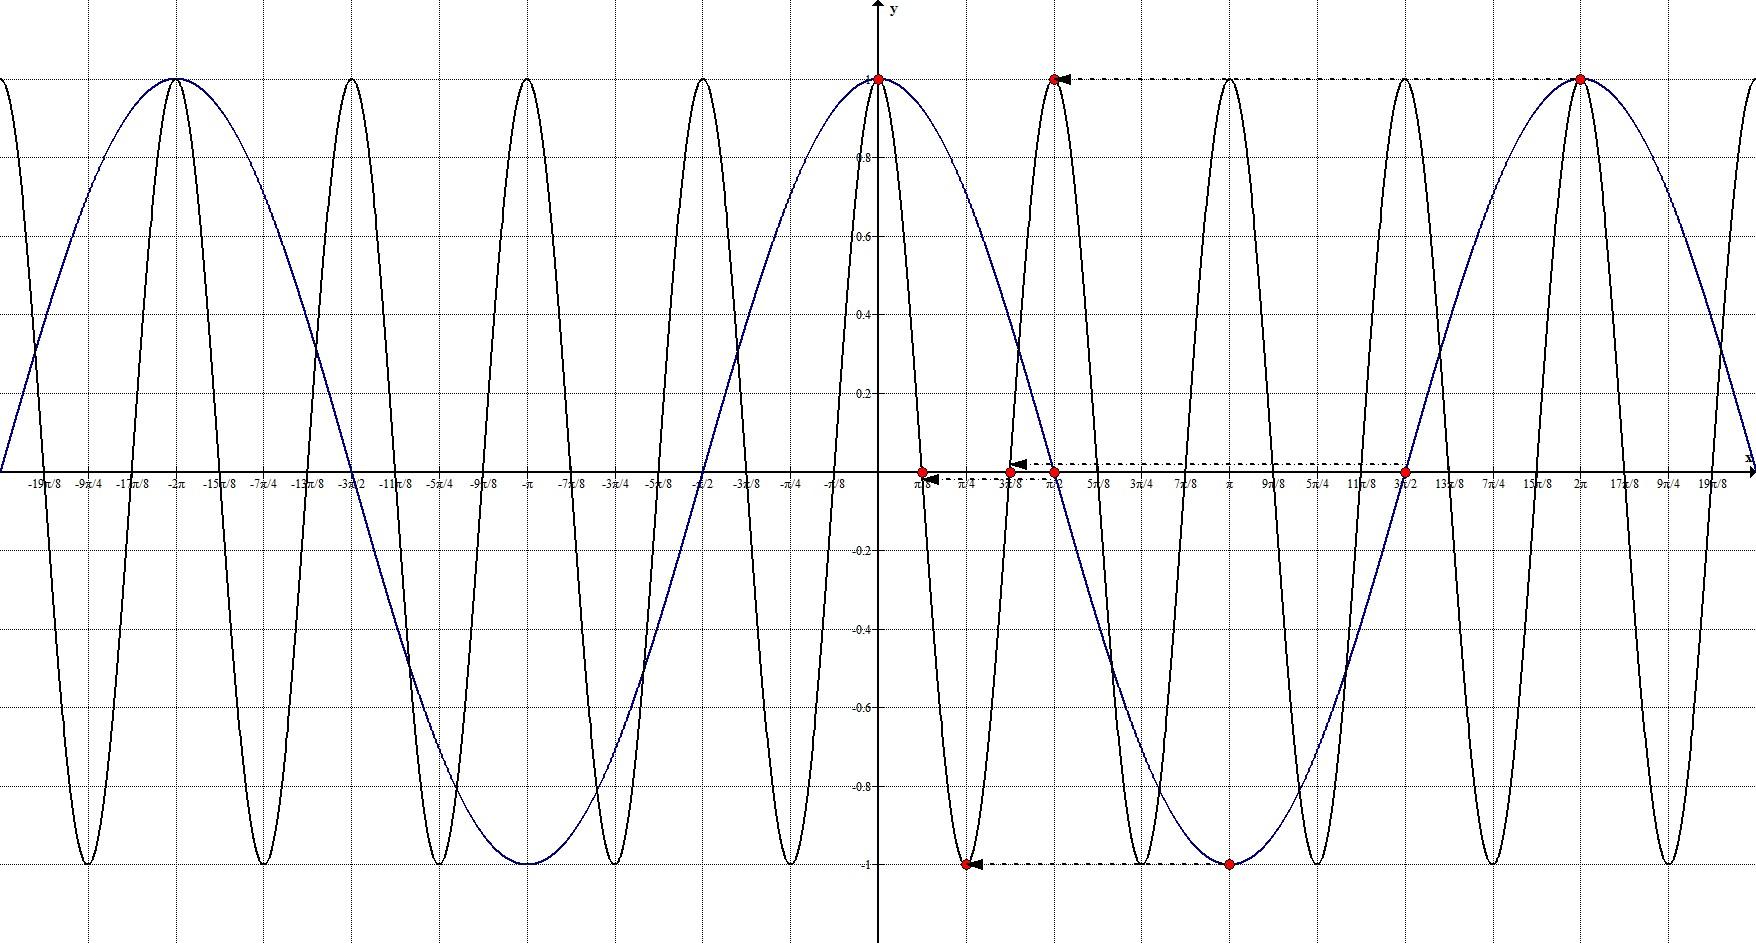 Геометрические преобразования. Растяжение по Оx. Пример 2.